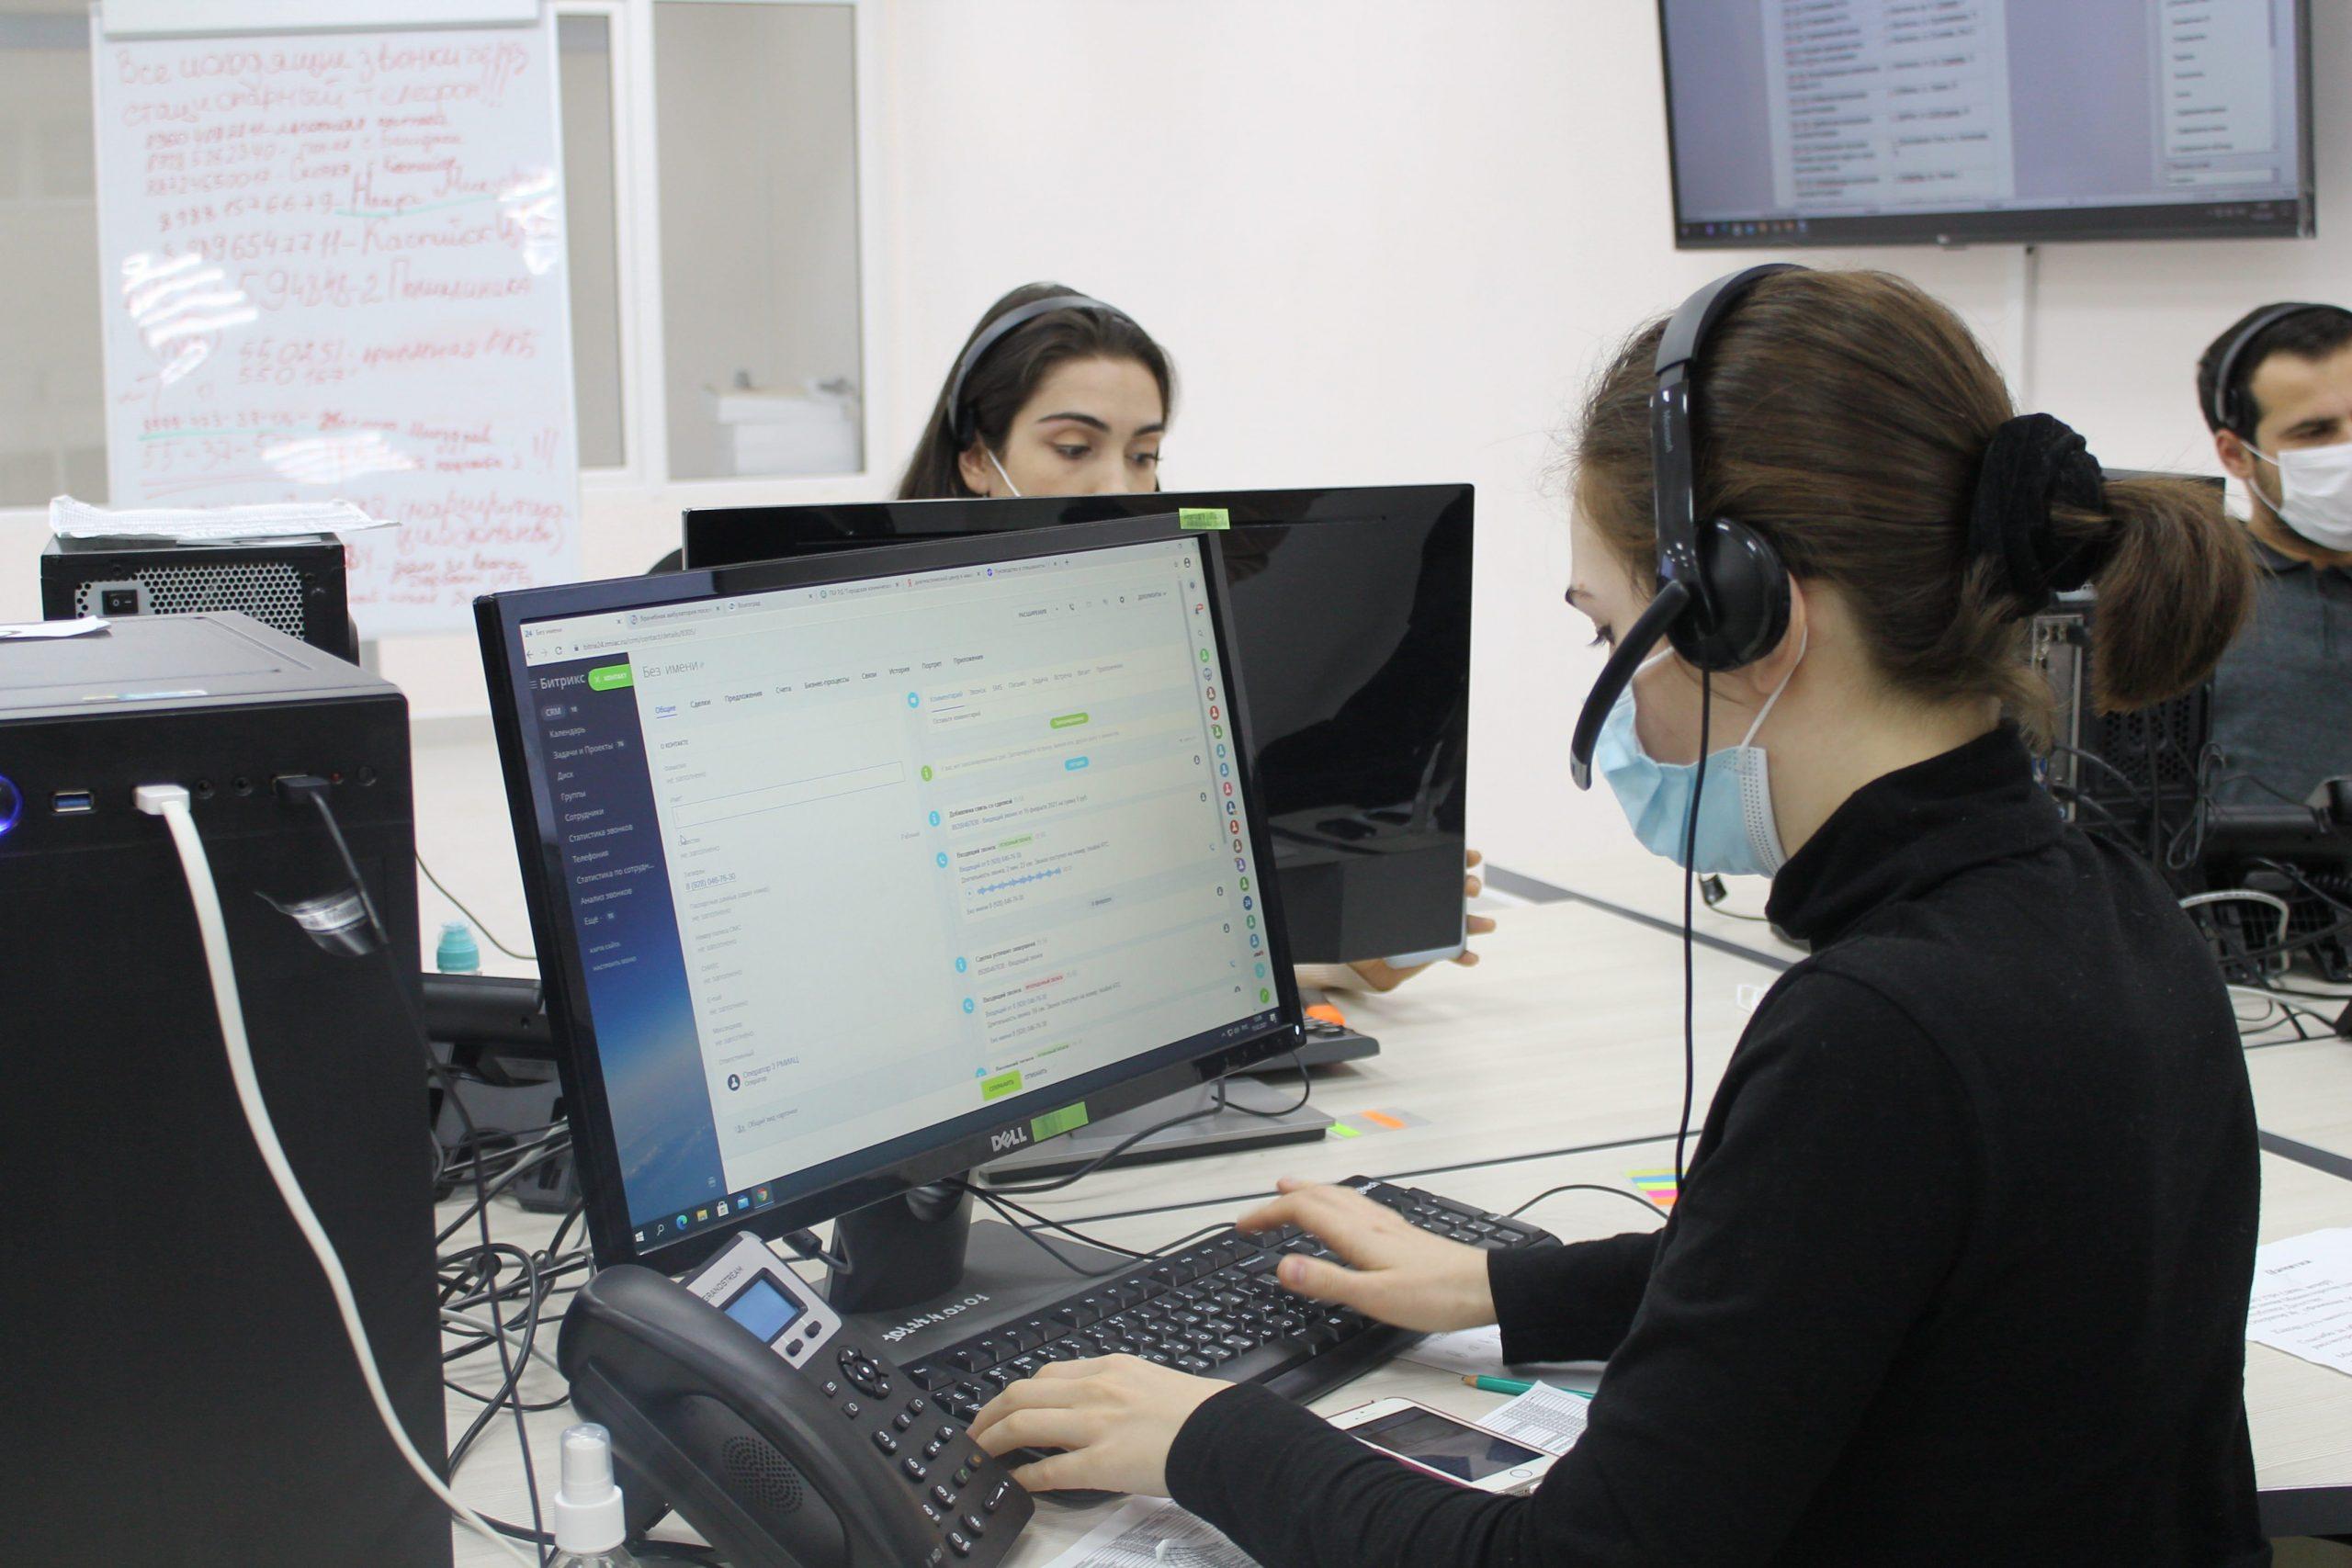 Операторы регионального call-центра по коронавирусу обработали более 16 тысяч звонков